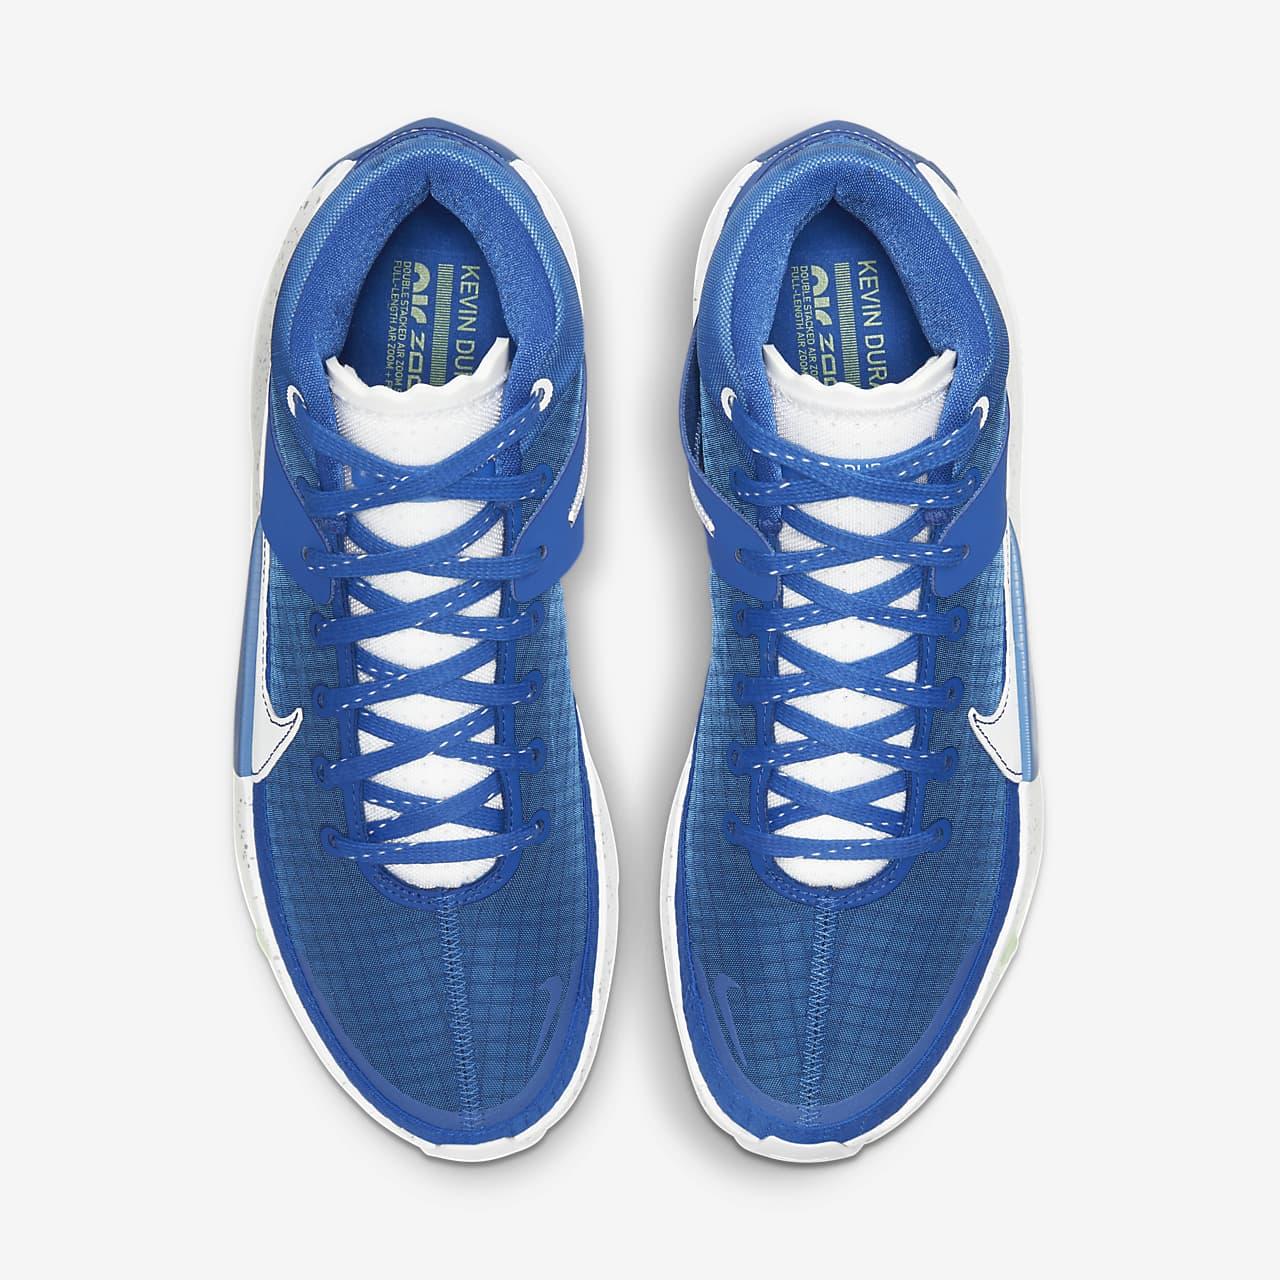 KD13 (Team) Basketball Shoe CK6017-401